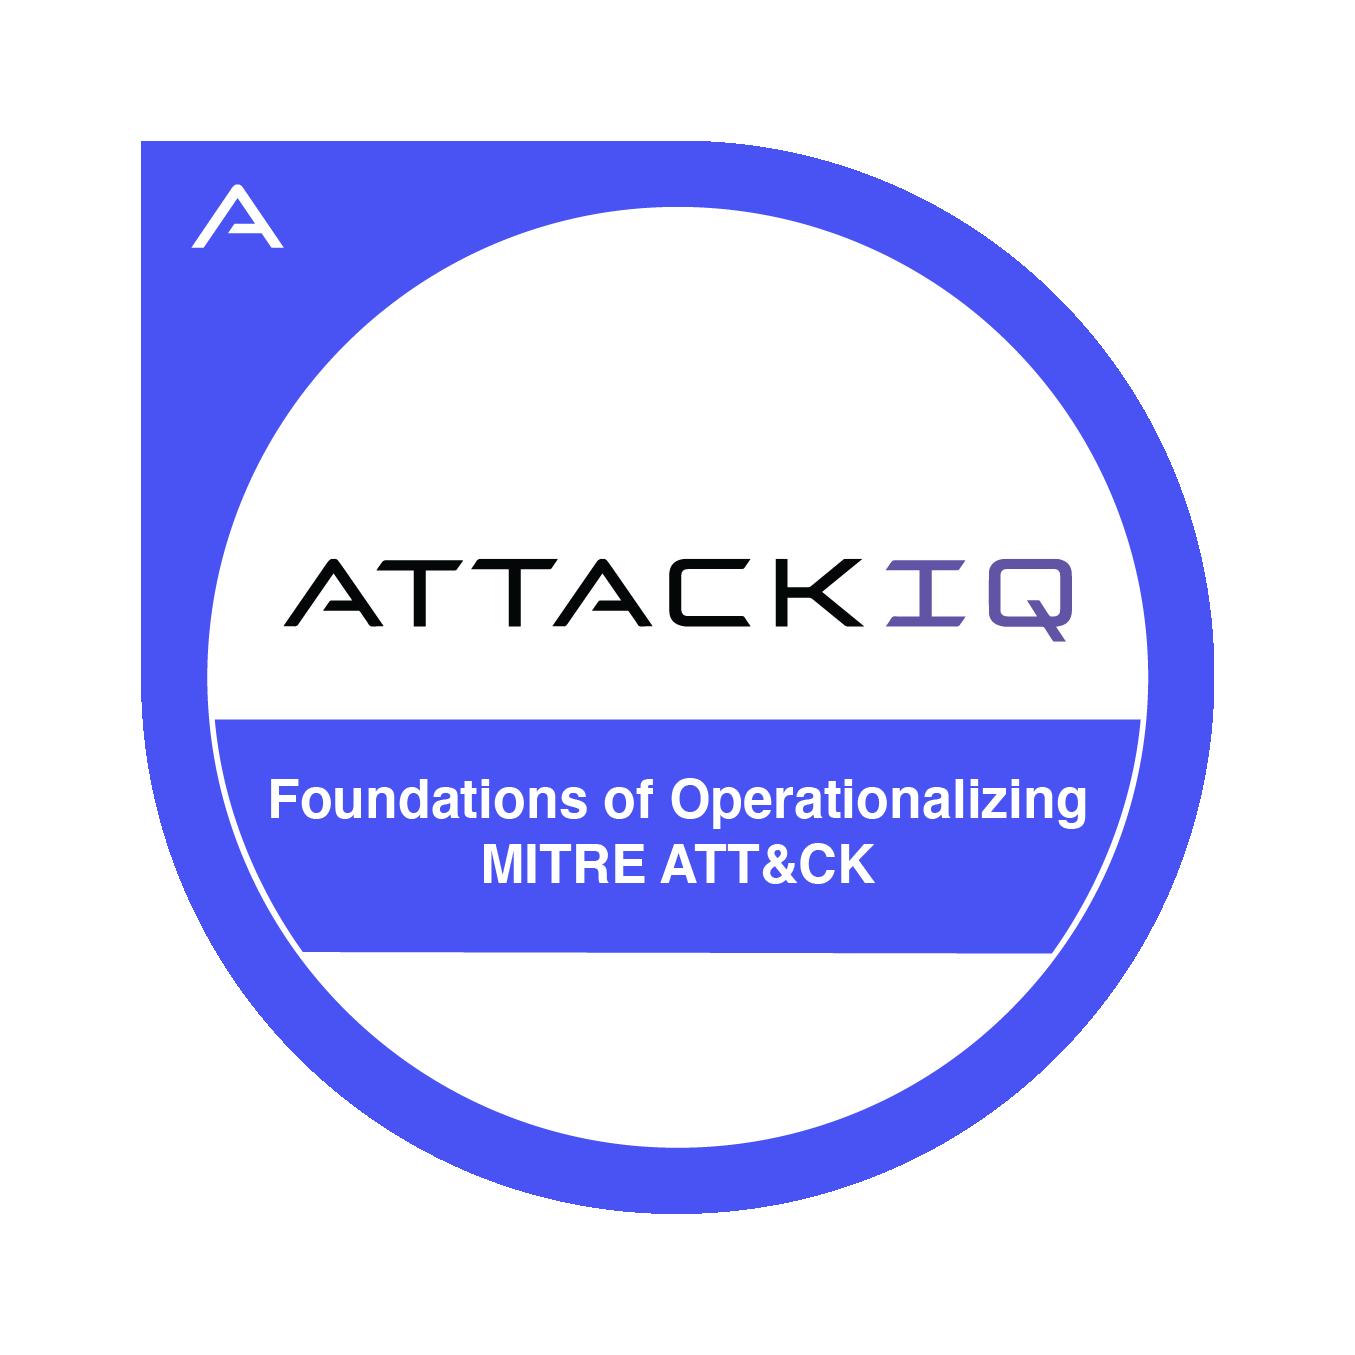 Foundations of Operationalizing MITRE ATT&CK